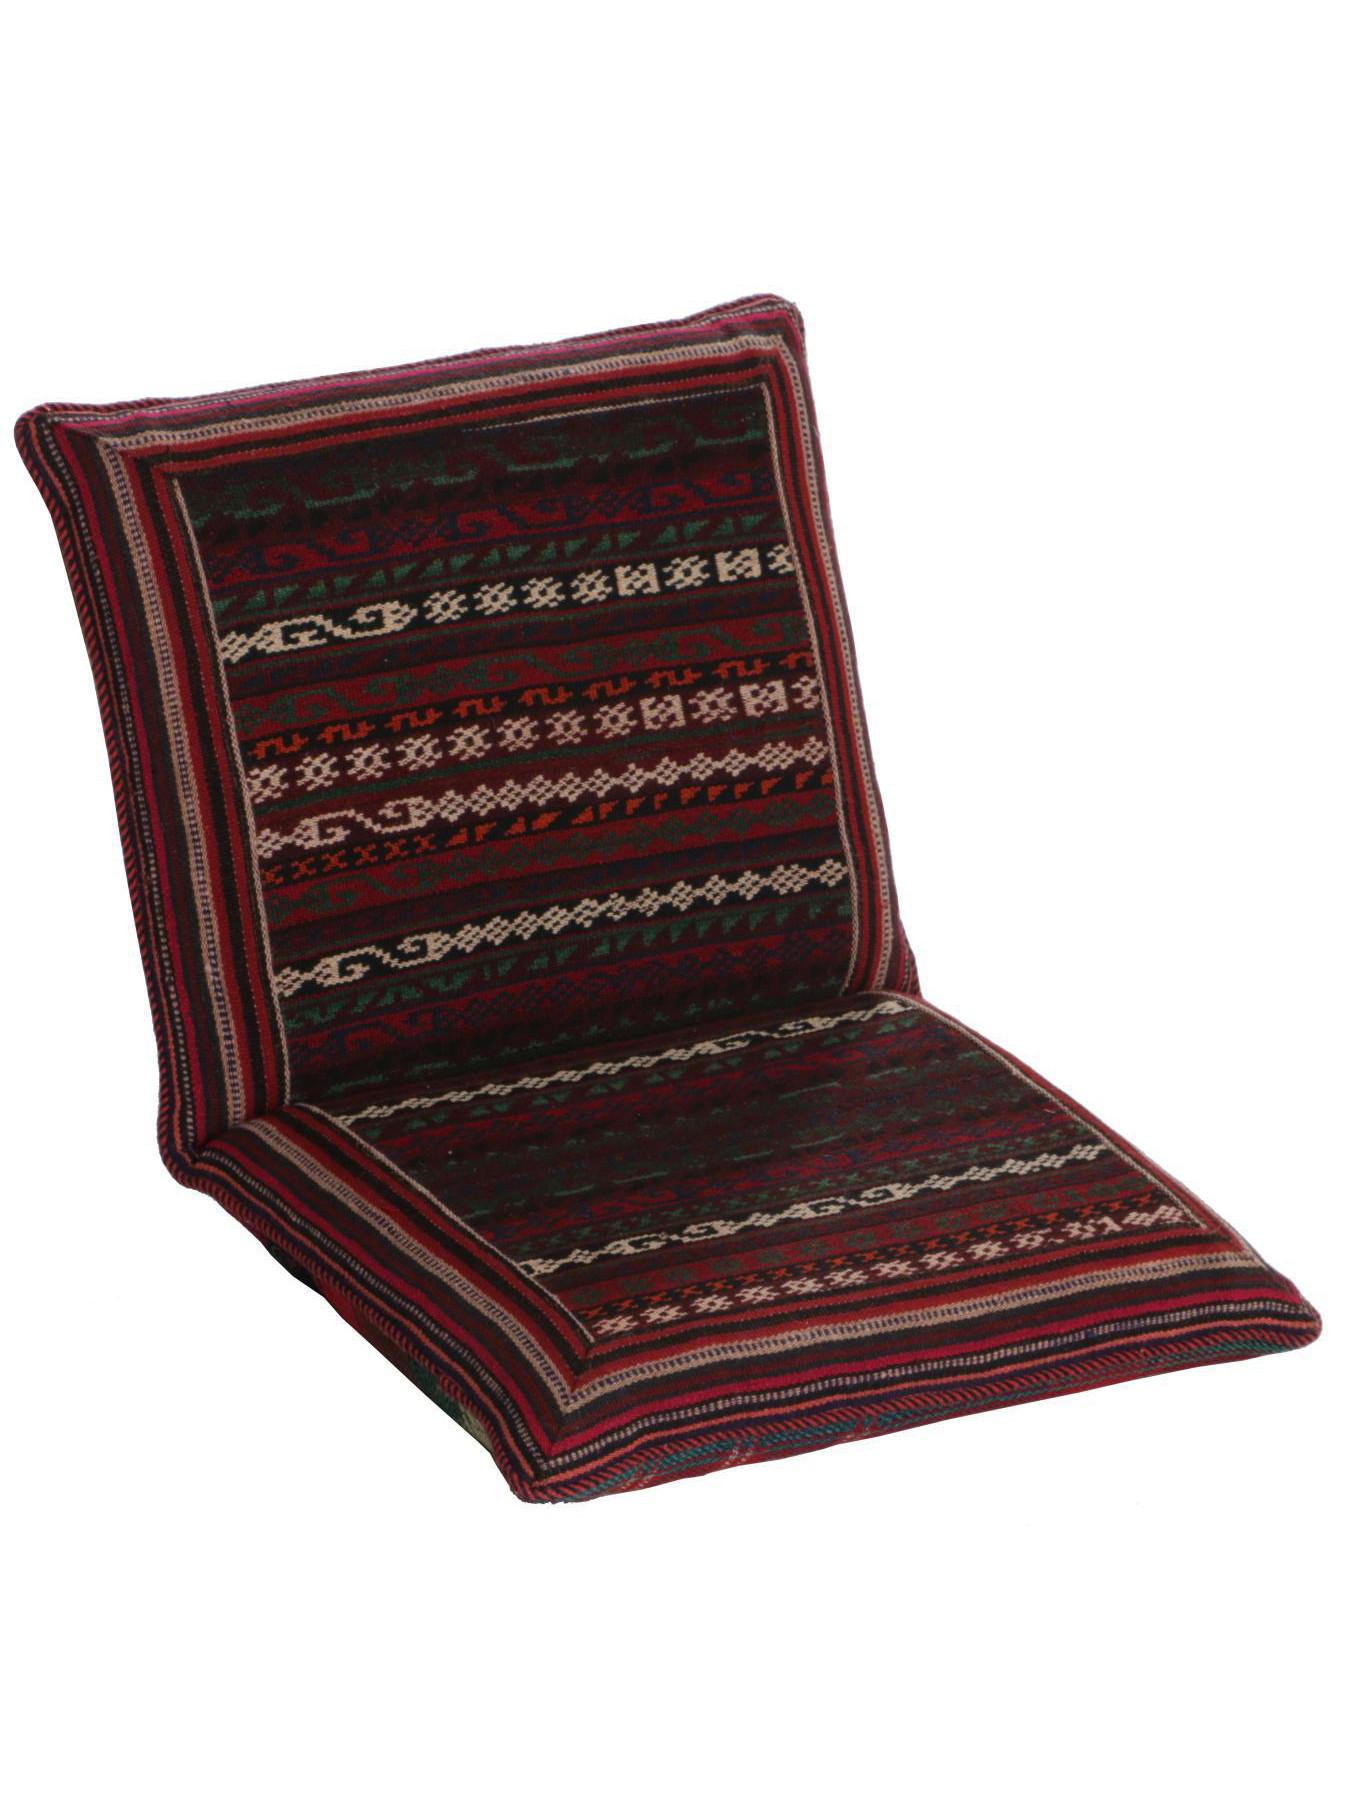 Perzische kussens - Kussen voor zetel